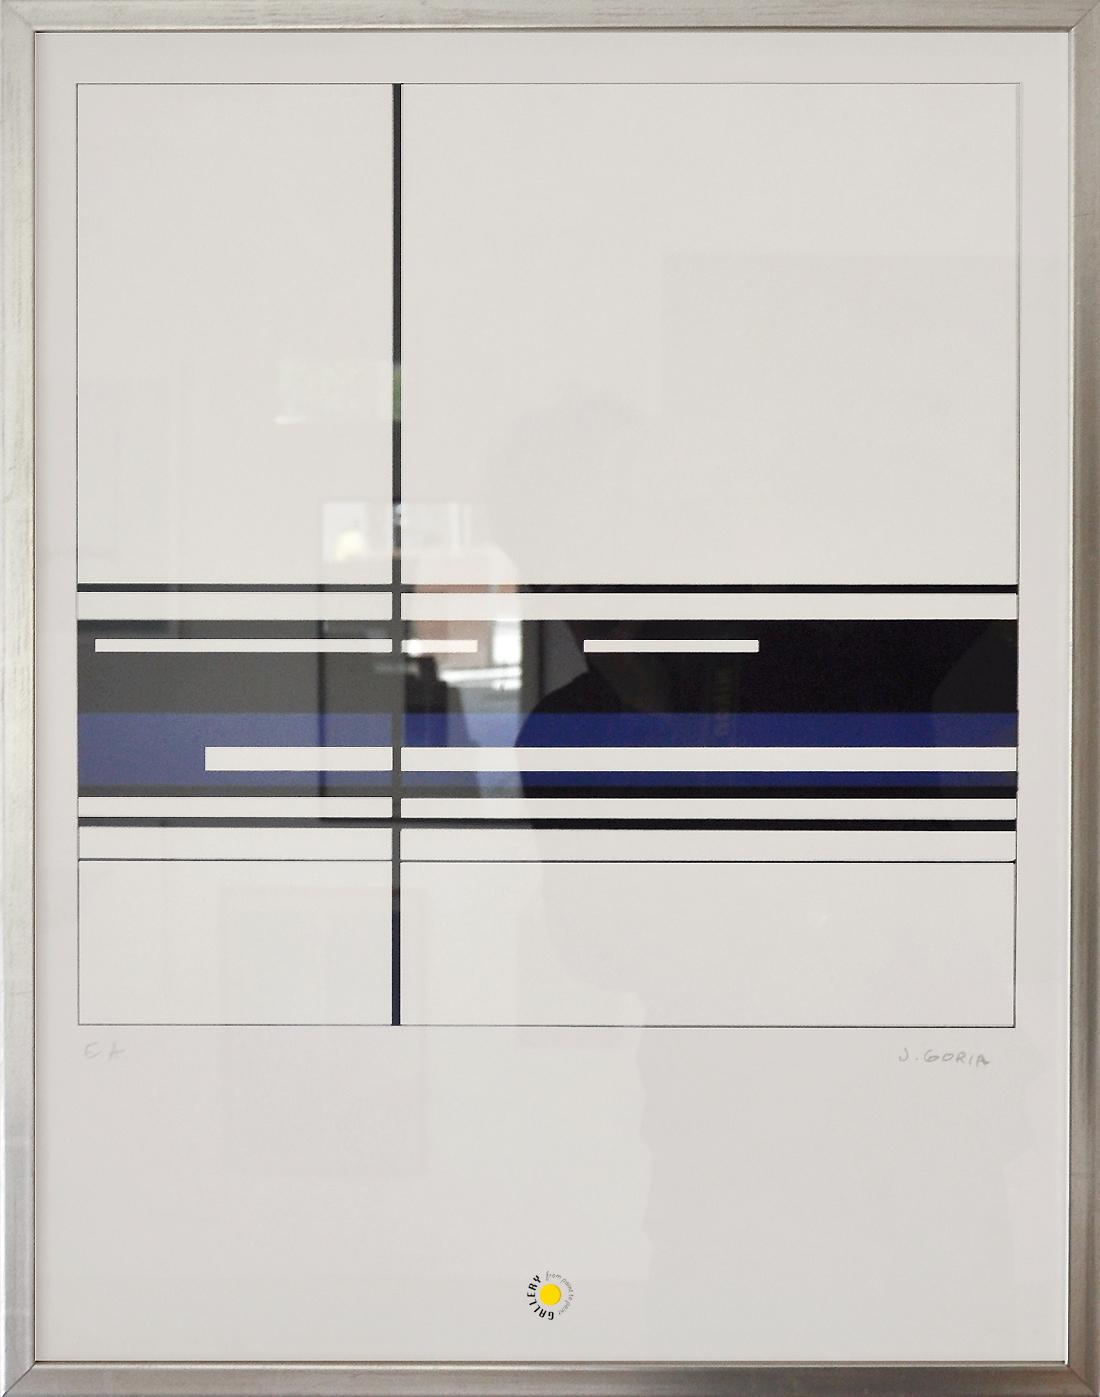 Jean-Gorin-Point-to-Point-Galerie